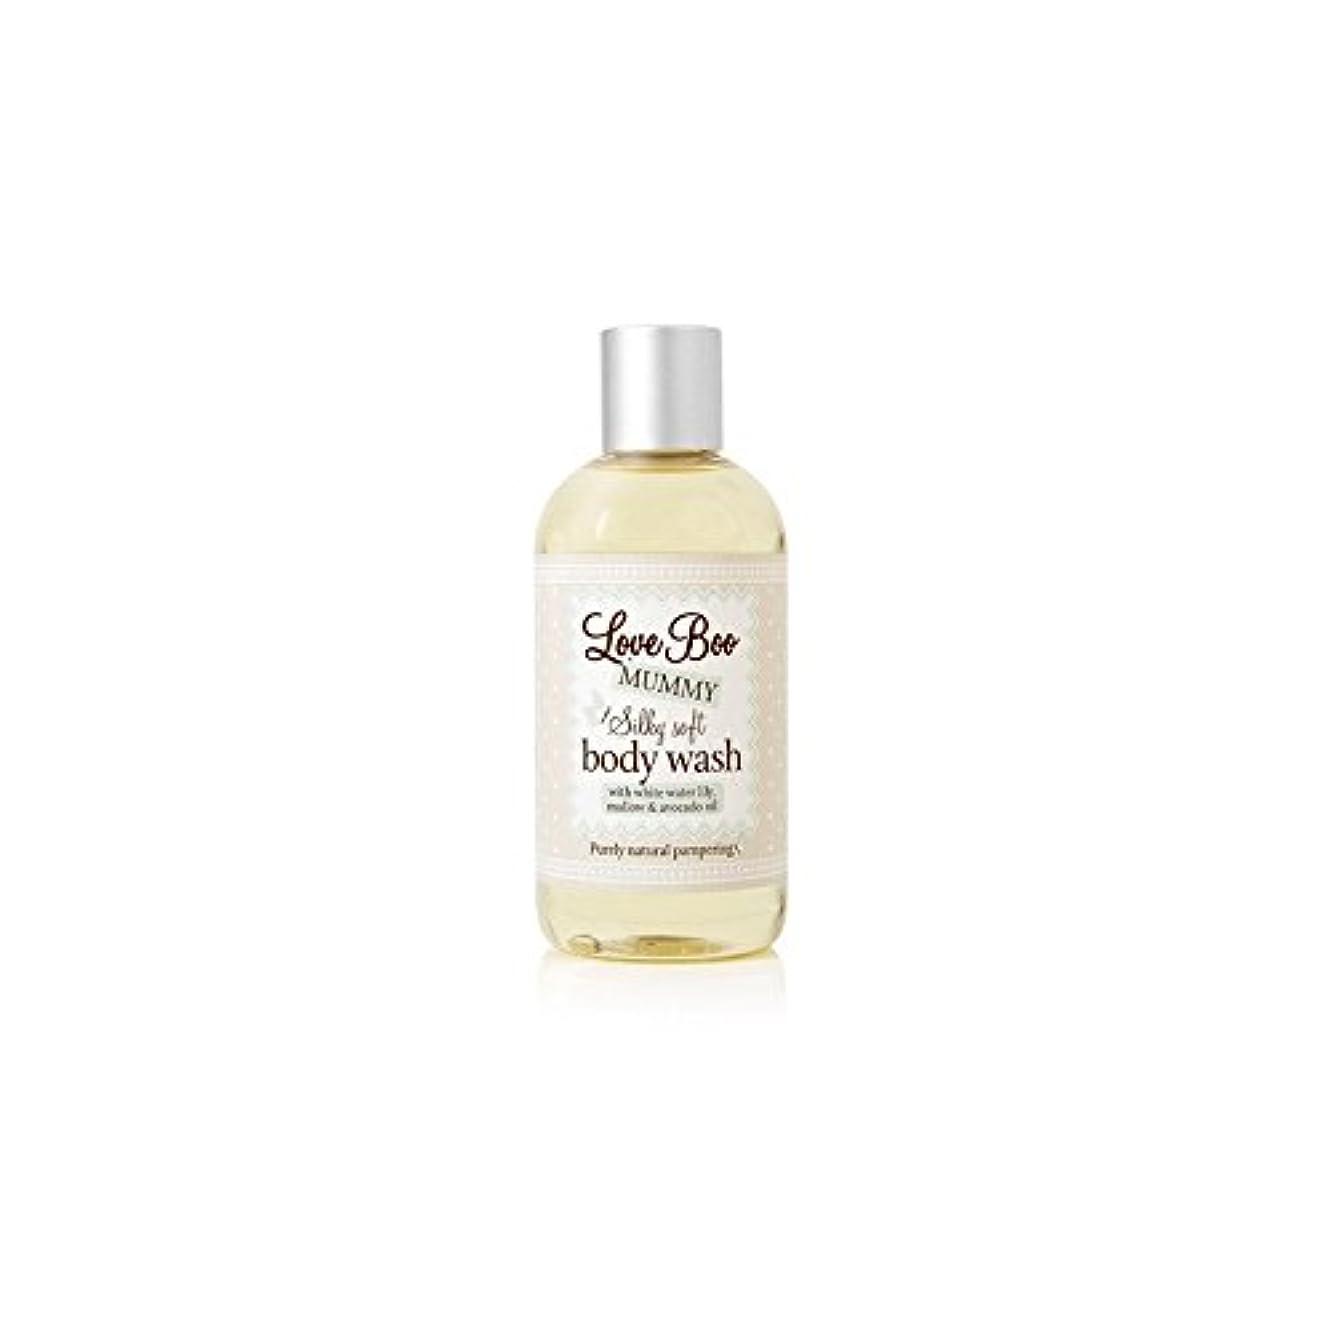 トラブル体操選手顎Love Boo Silky Soft Body Wash (250ml) - 絹のようなソフトボディウォッシュ(250ミリリットル)愛 [並行輸入品]